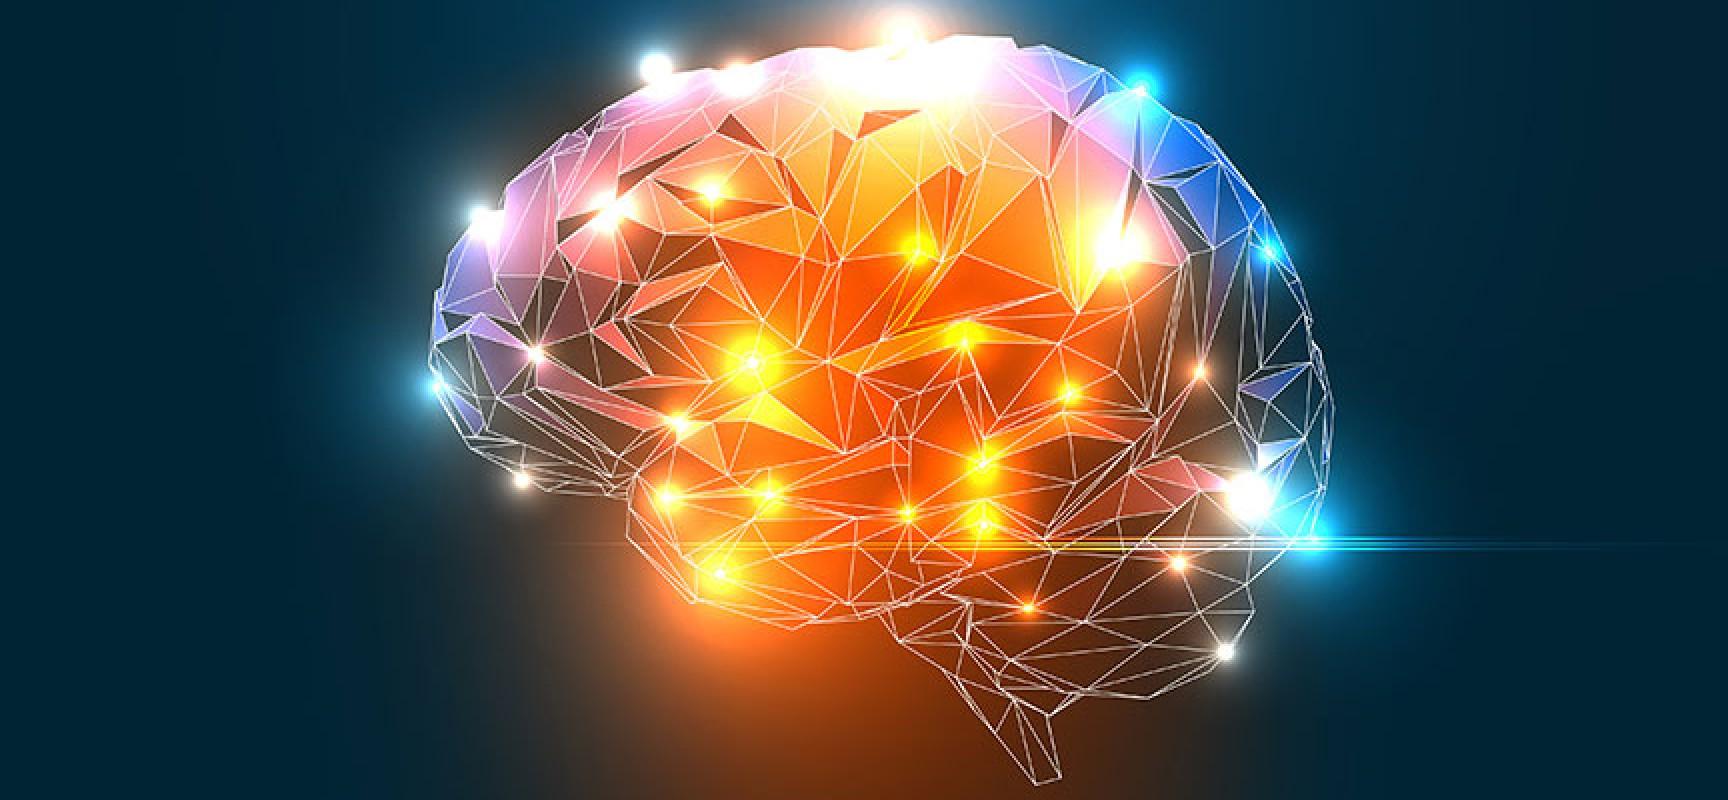 تصویر از نکات مهمی درباره حافظه و یادگیری در انسان